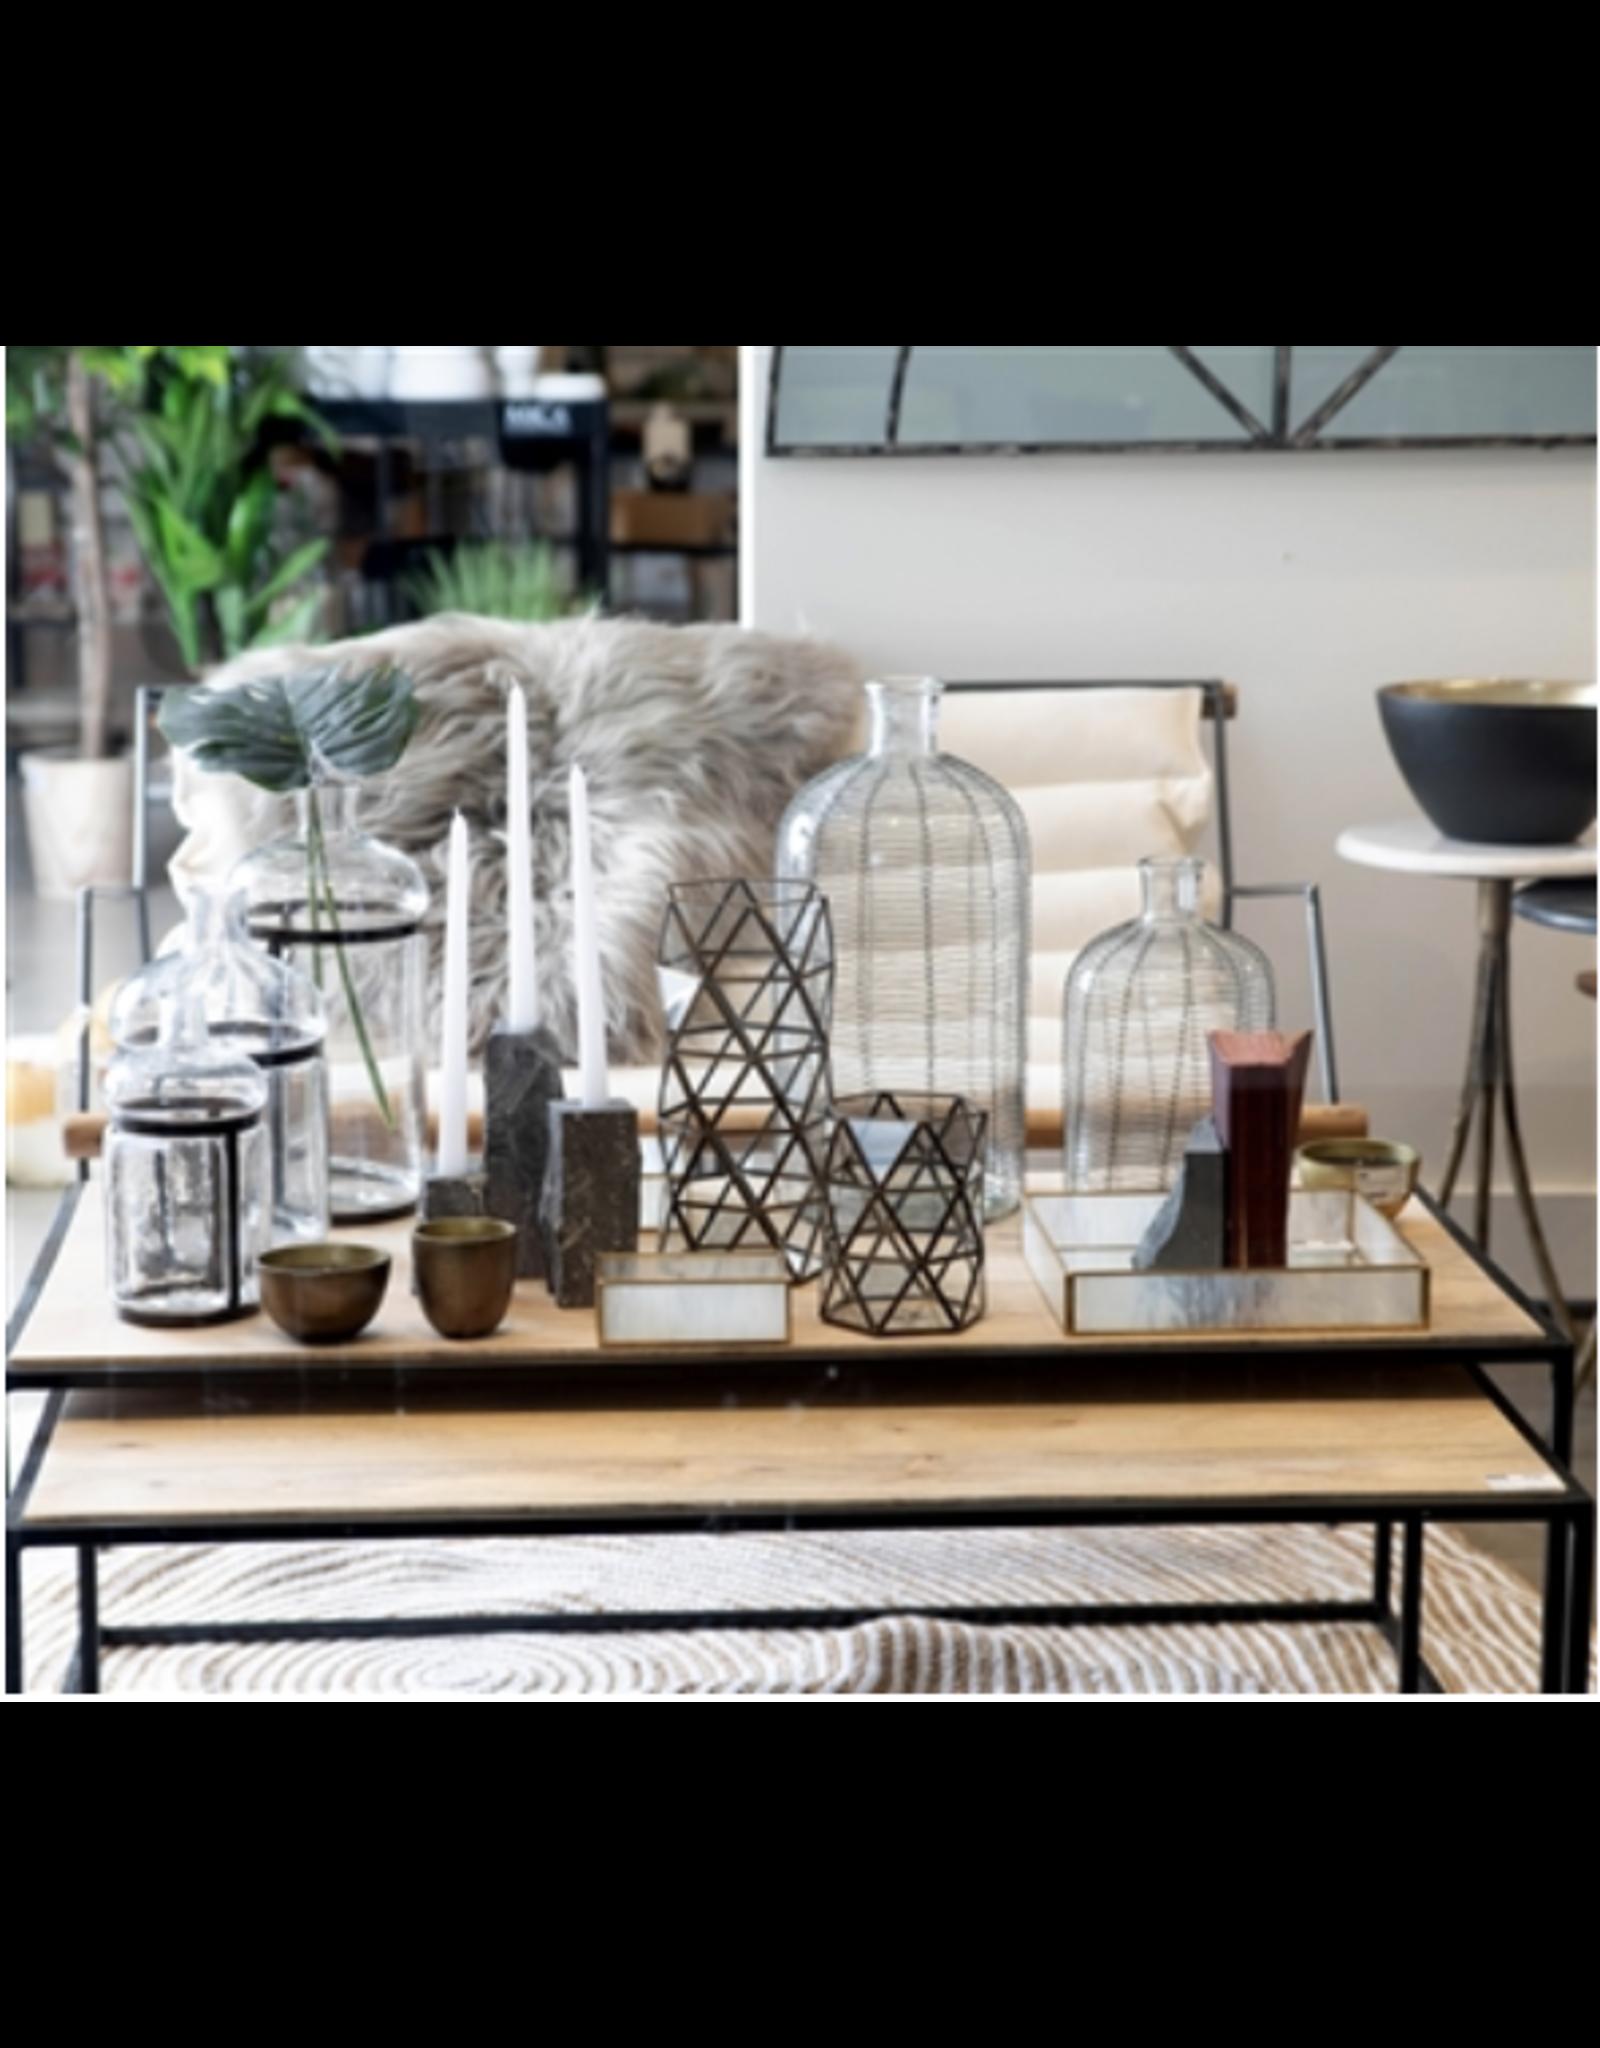 BIDK Small Glass & Iron Bottleneck Vase